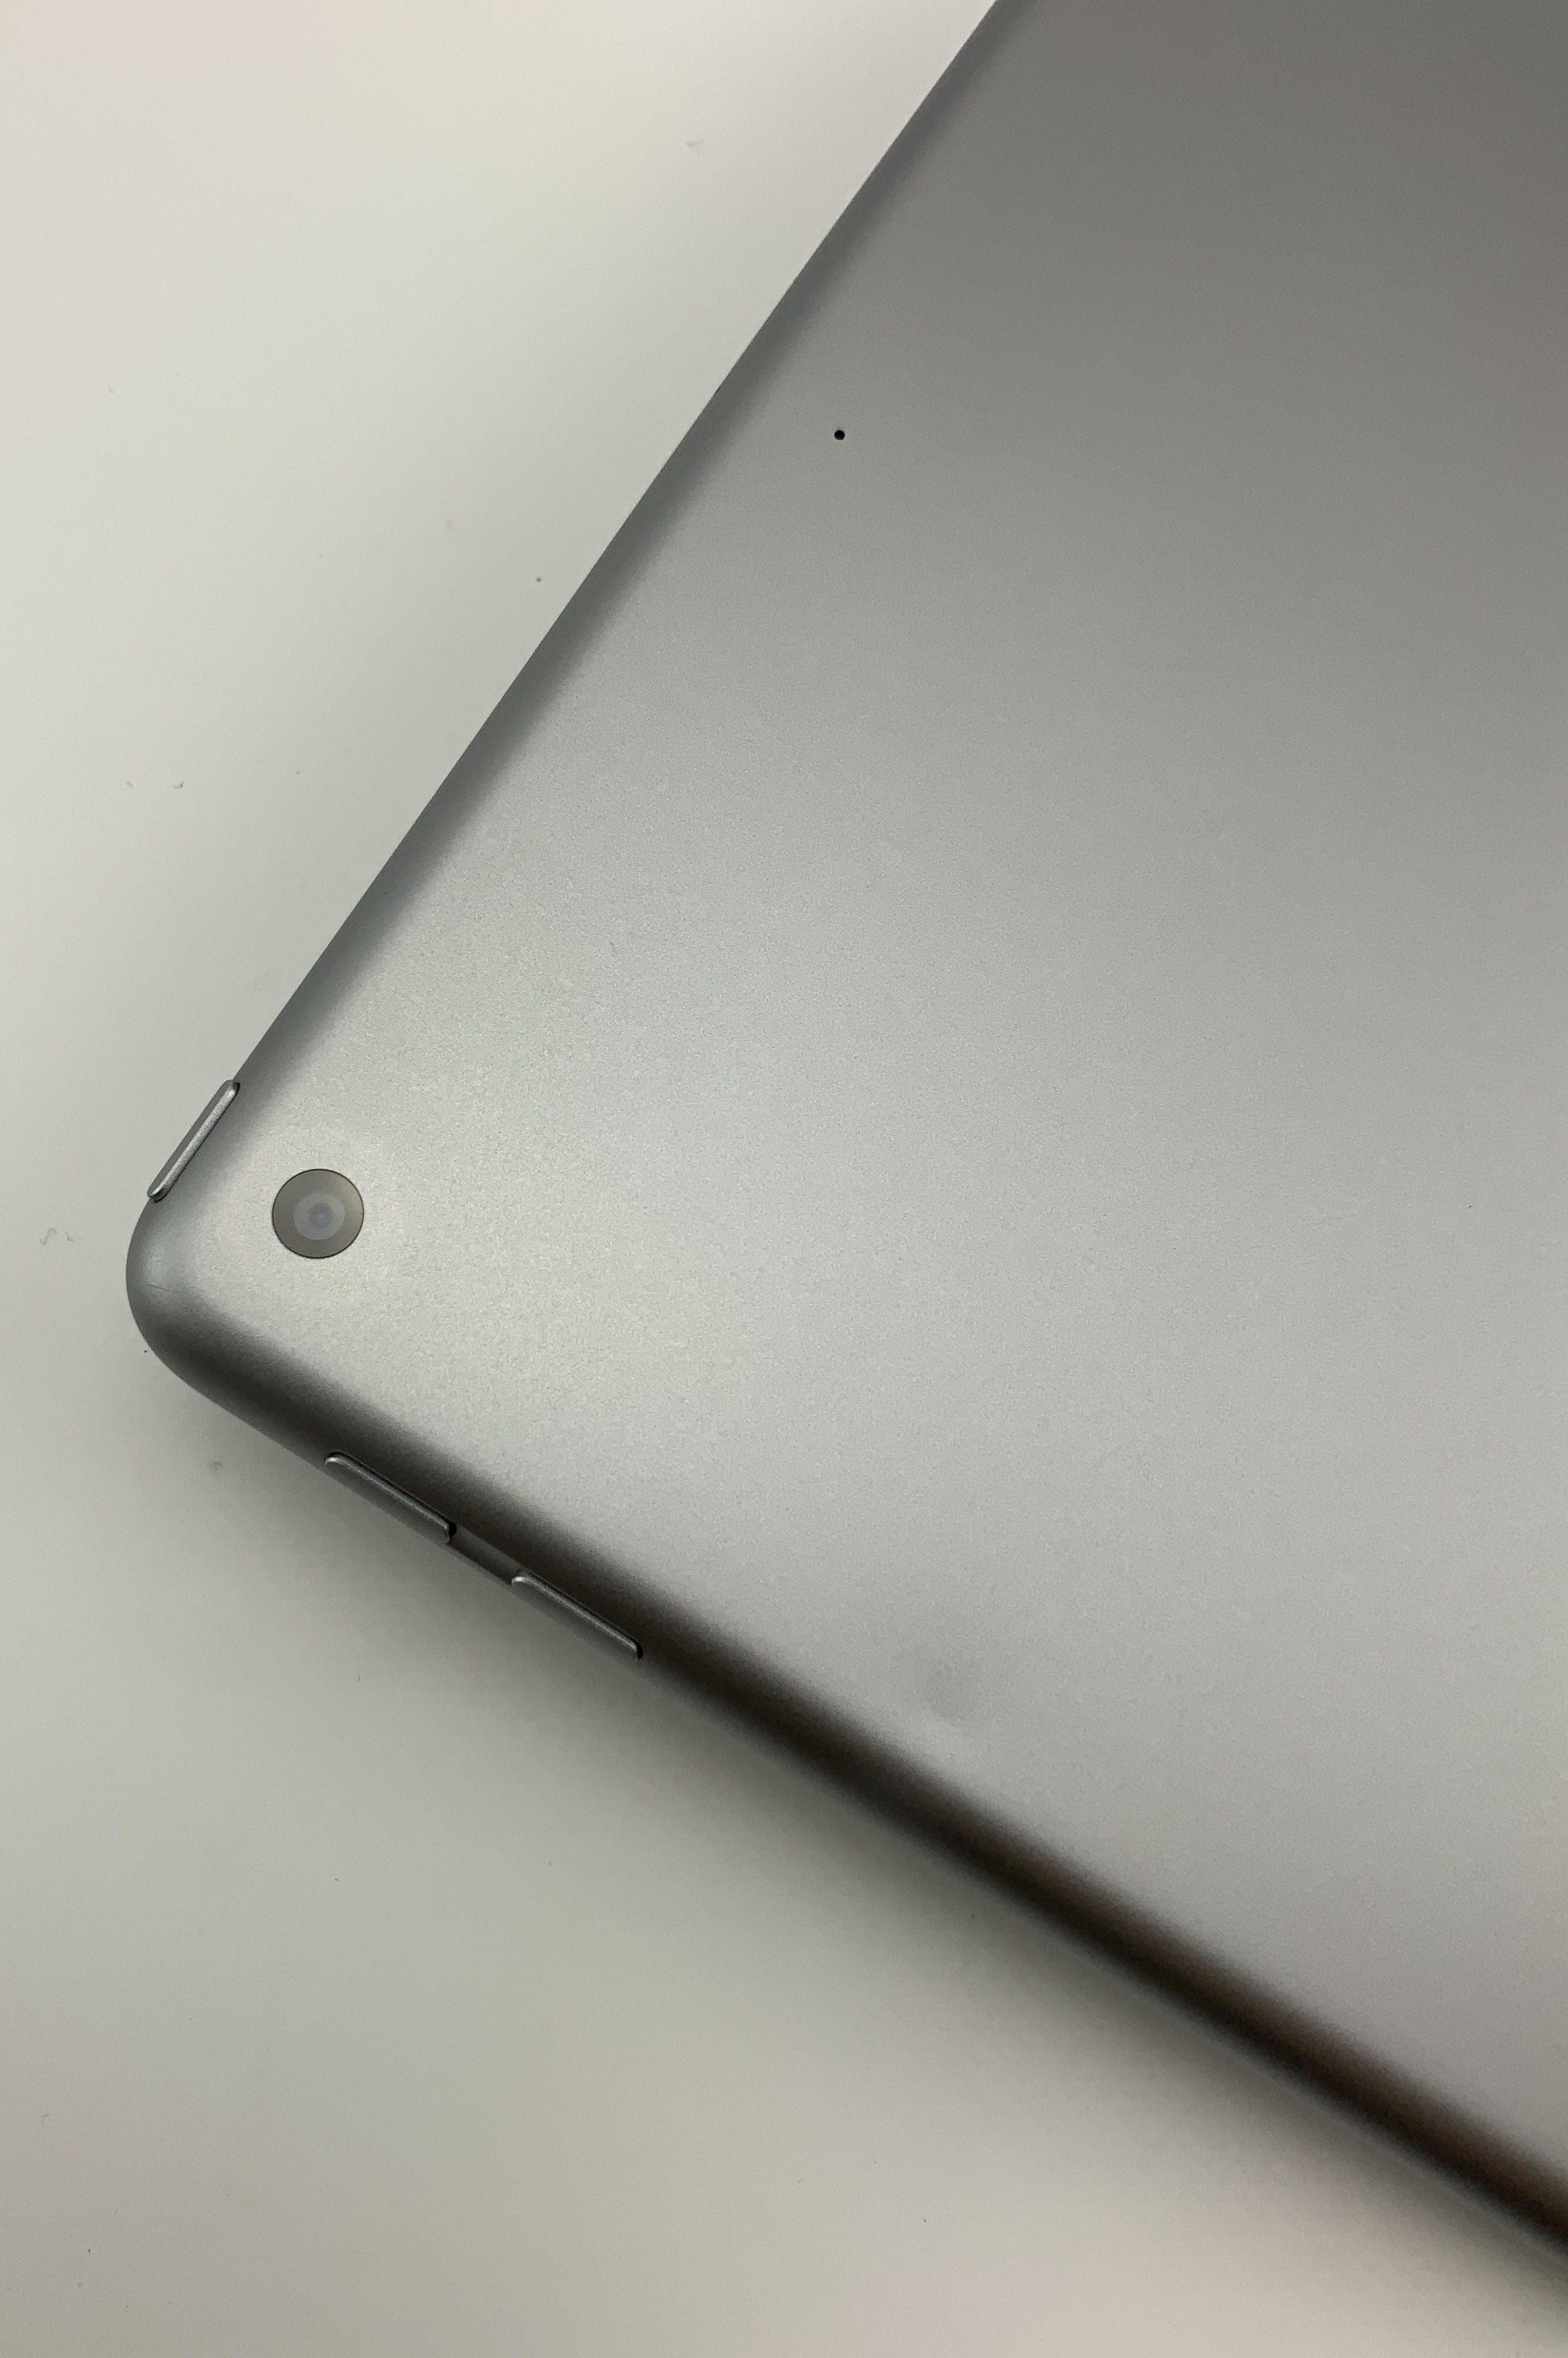 iPad 6 Wi-Fi 128GB, 128GB, Space Gray, immagine 4